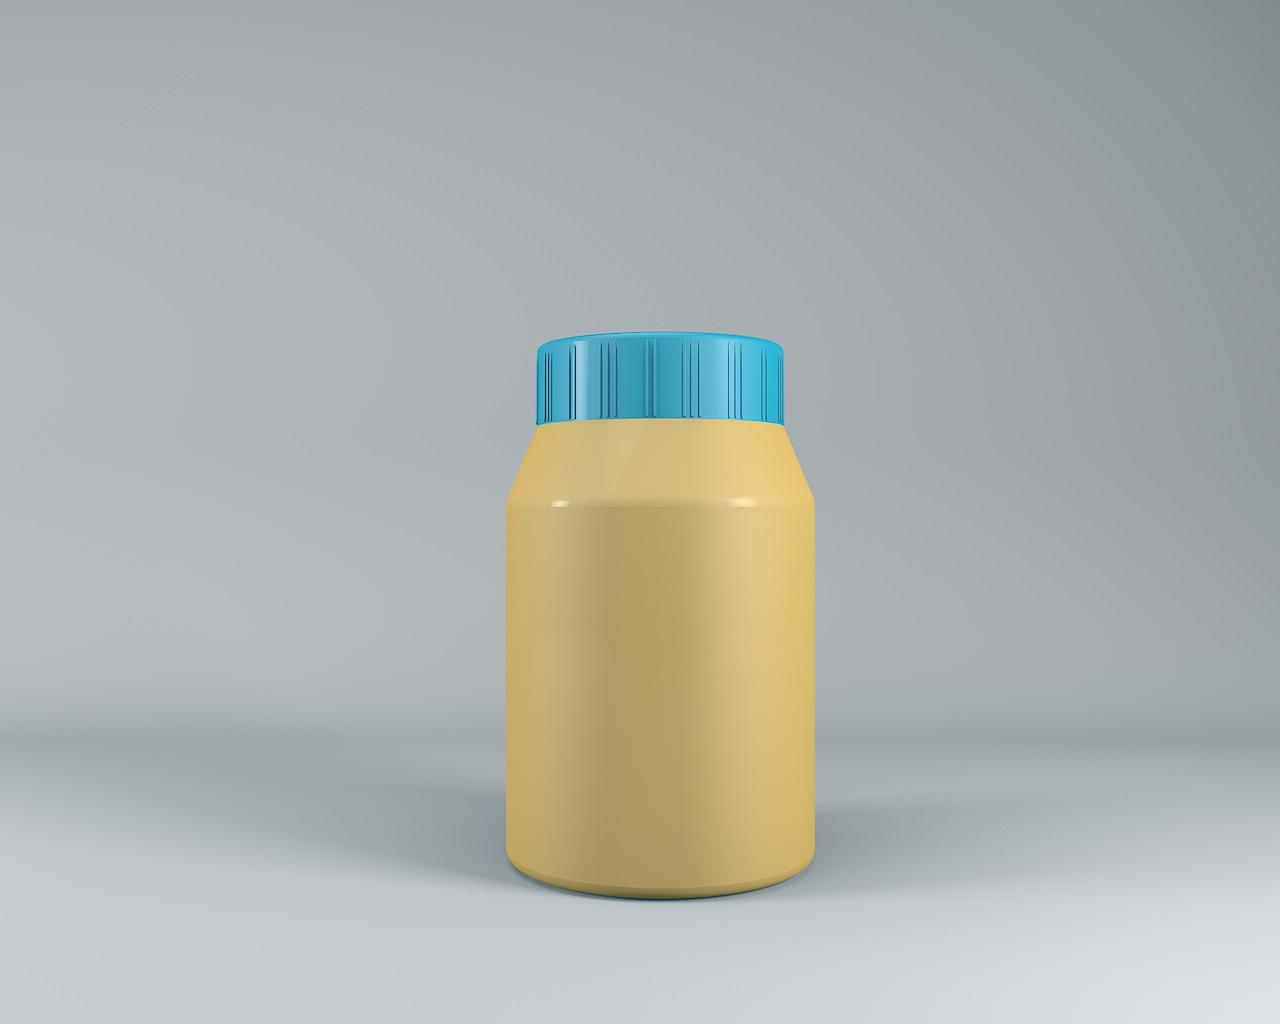 瓶子做飞机模型